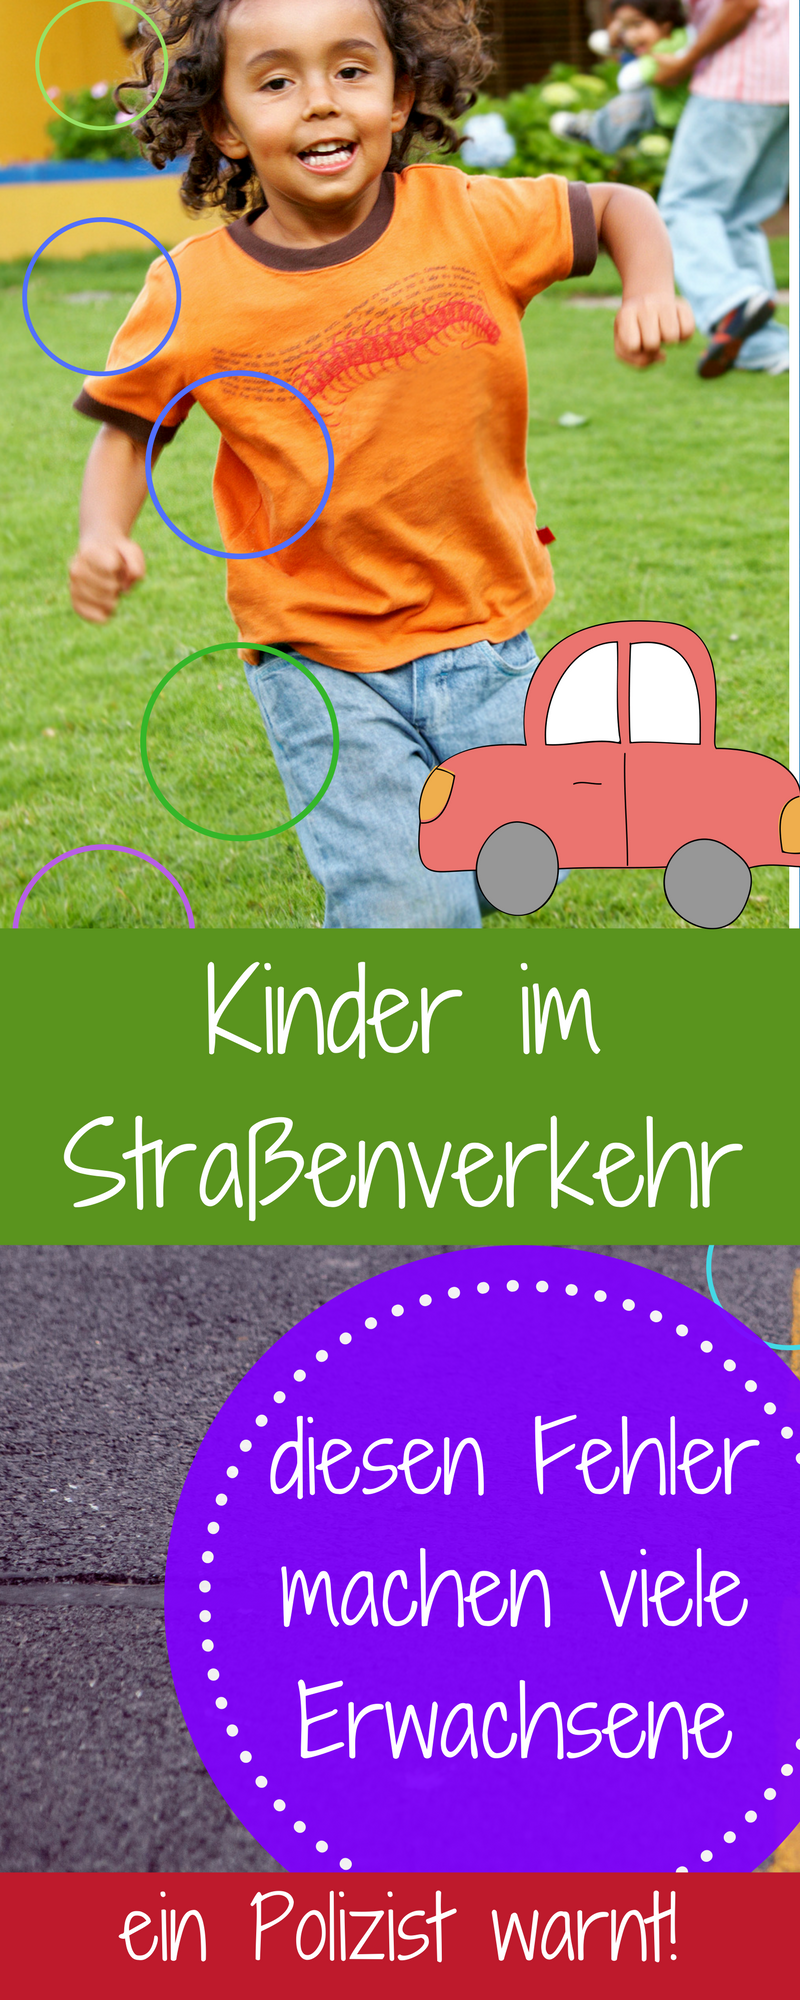 Kinder sicher im Straßenverkehr und ein Fehler vieler ...